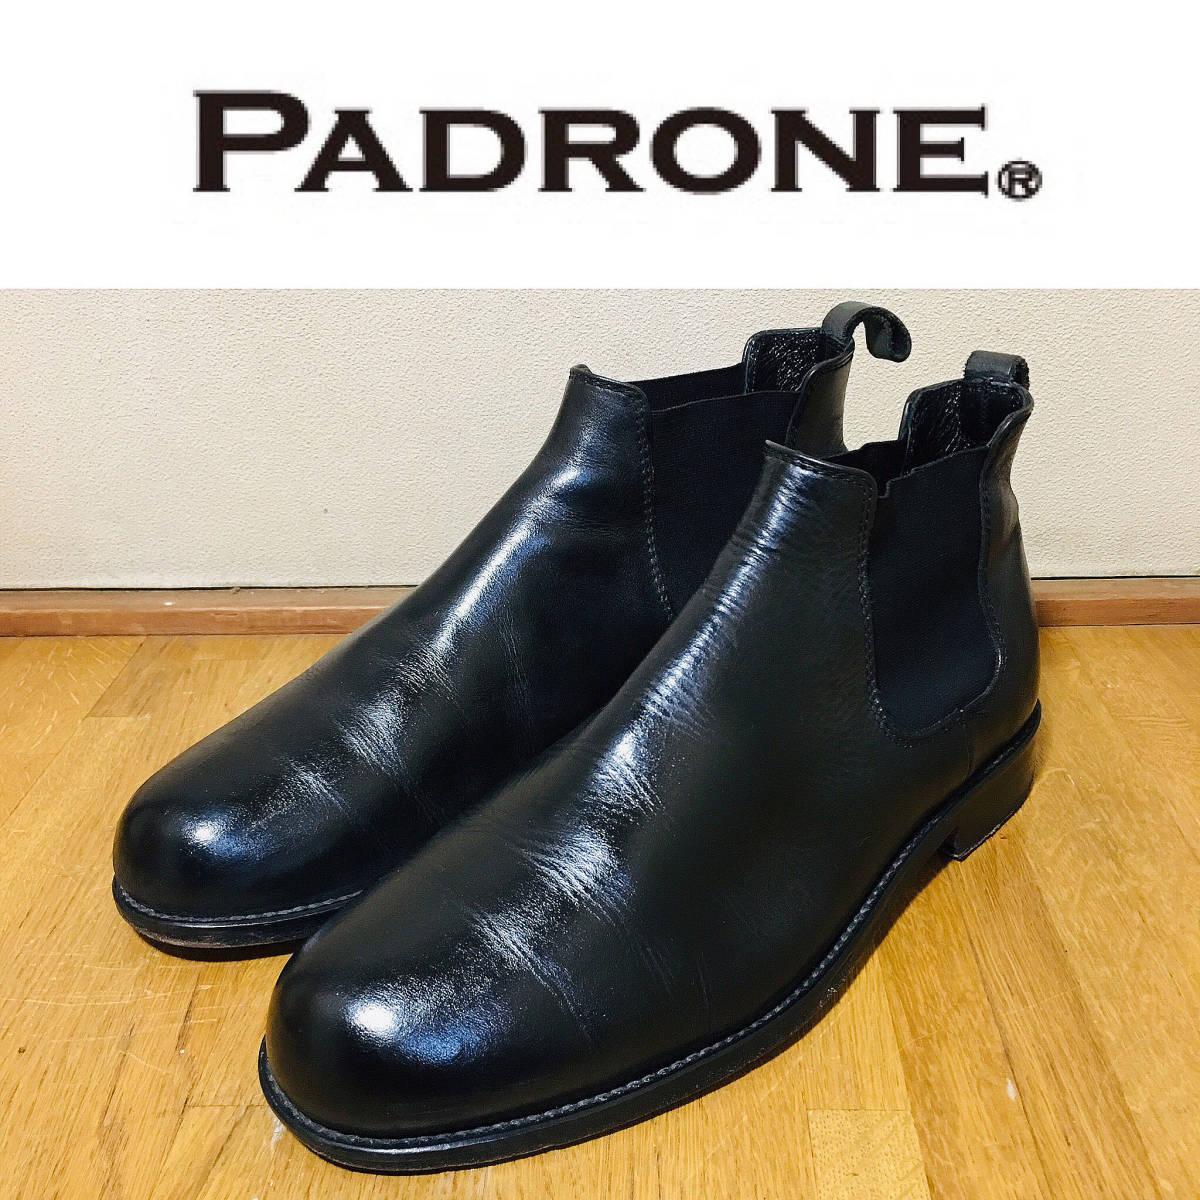 ■ 美品 定価3.8万 《 PADRONE 》 メンズ サイドゴア 本革 ショートブーツ 41 26-26.5cm 黒 パドローネ プレーントゥ レザーシューズ 革靴